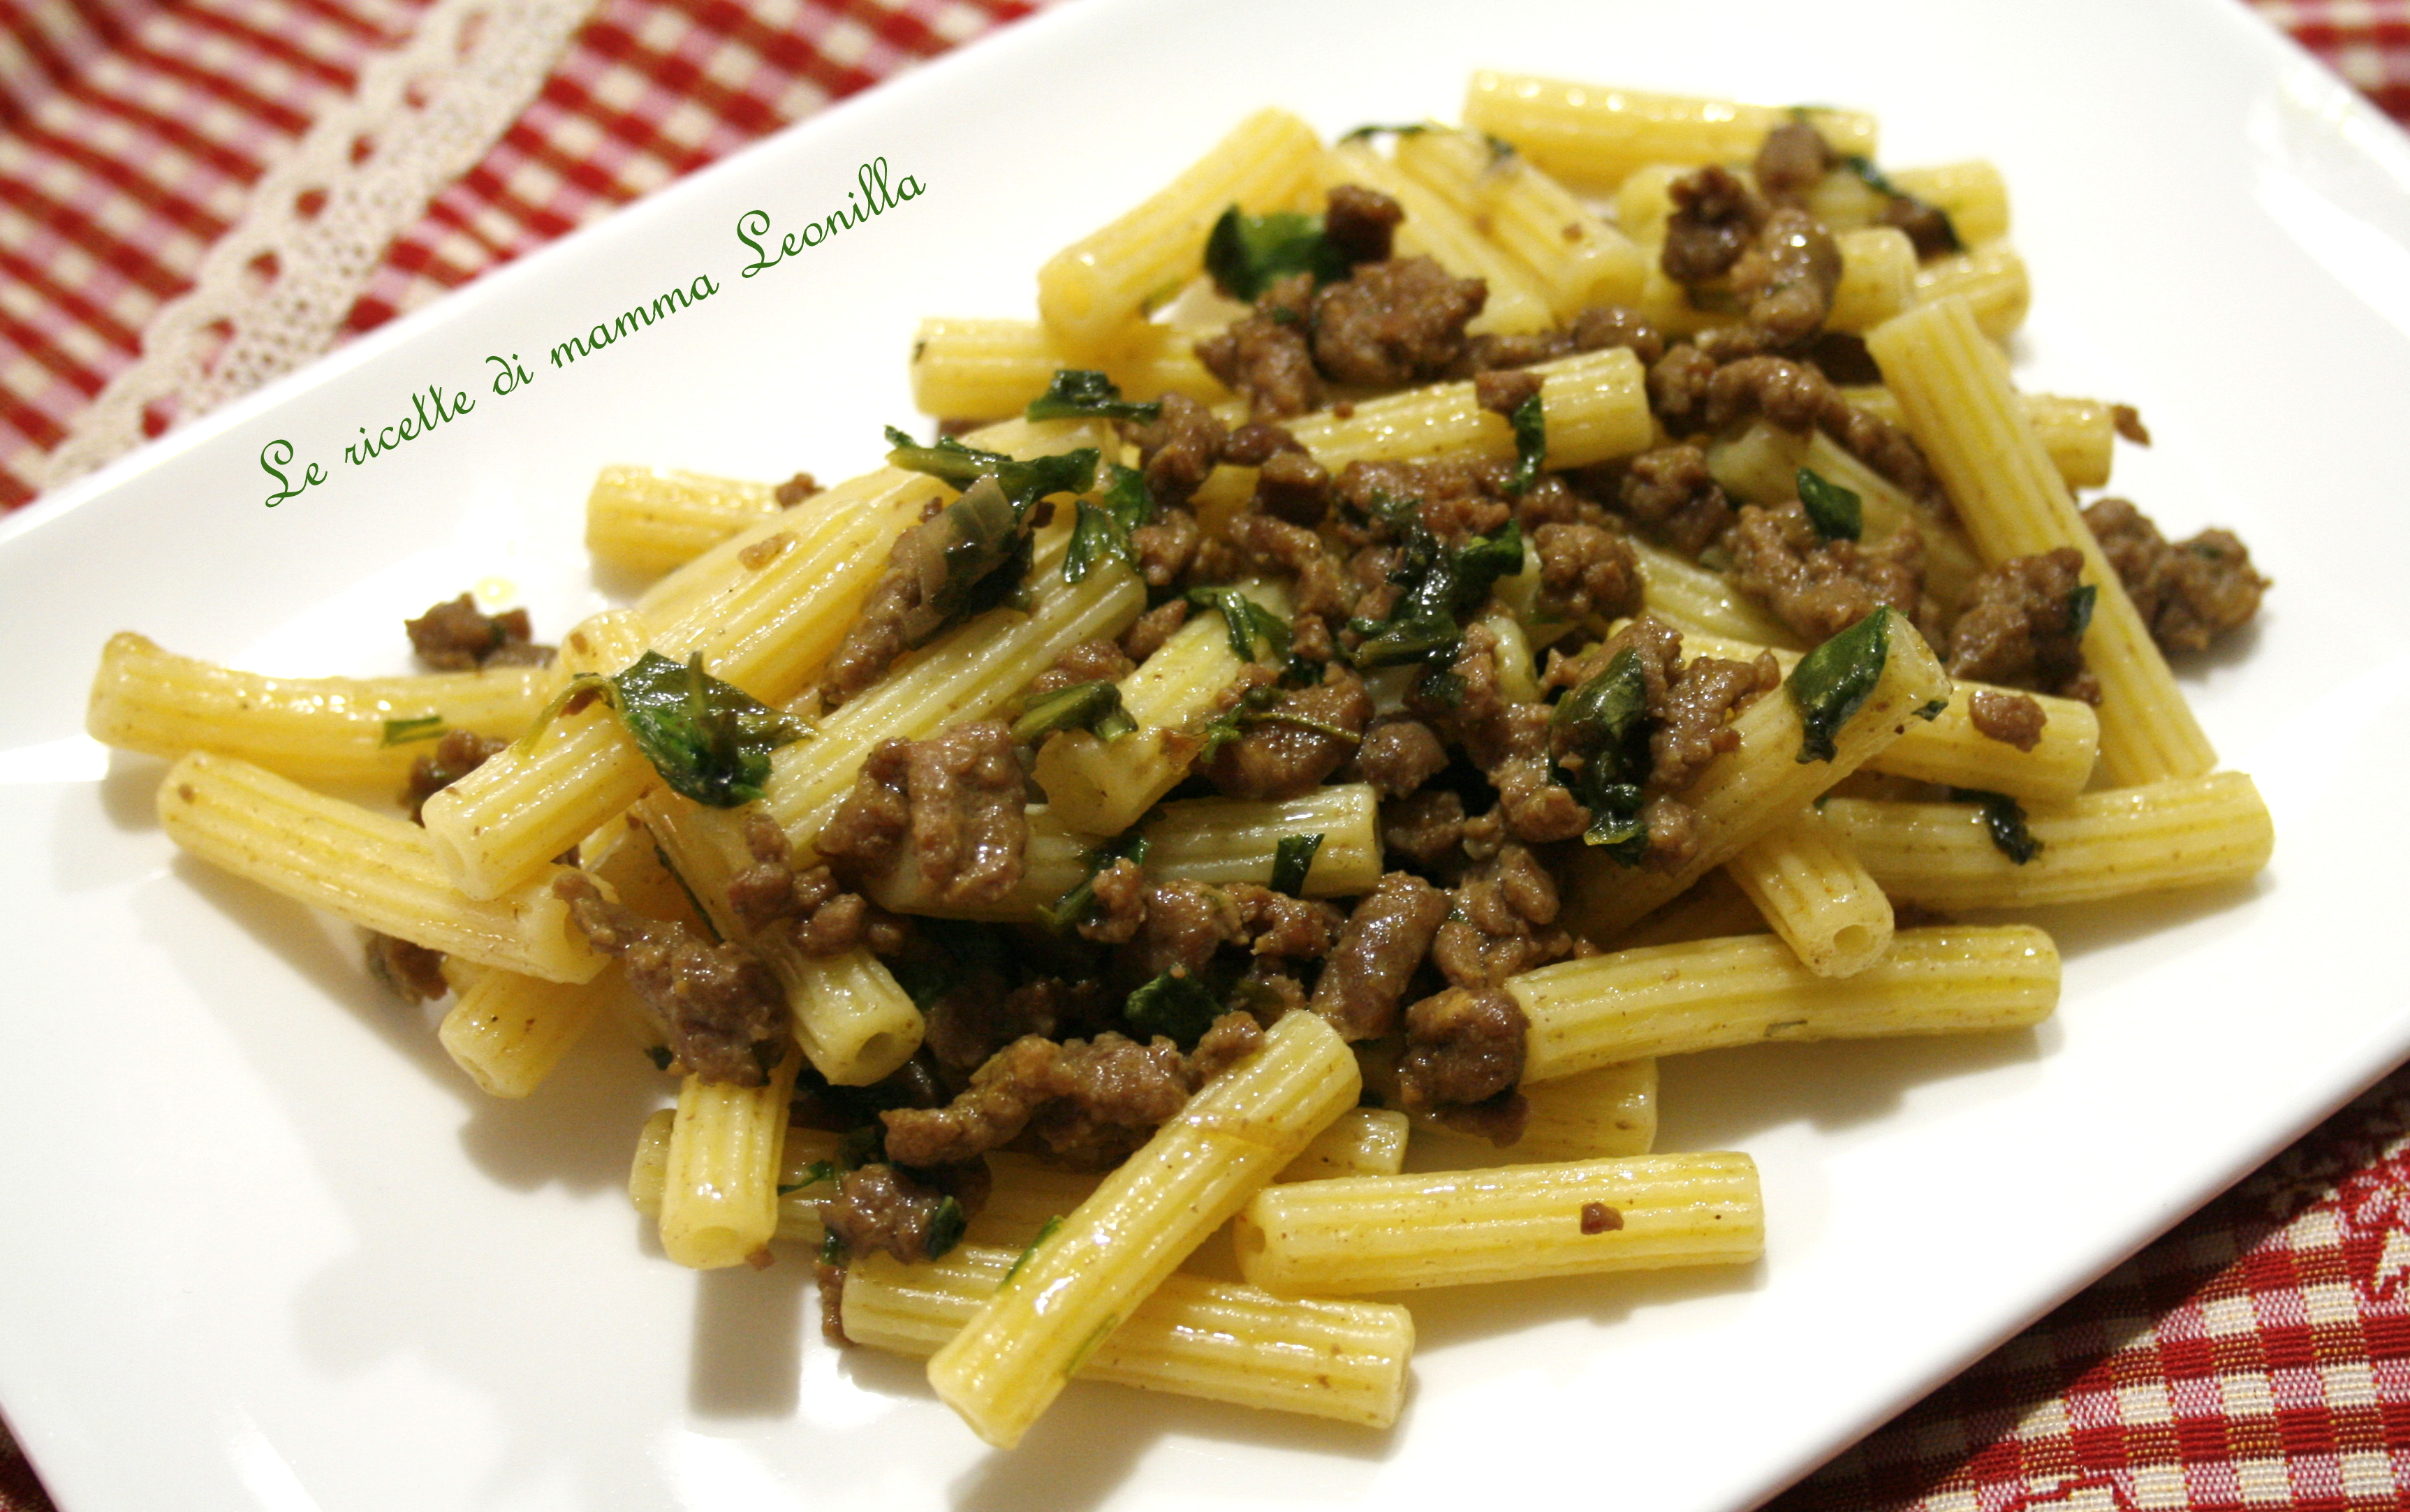 Ricetta pasta con sugo e rucola